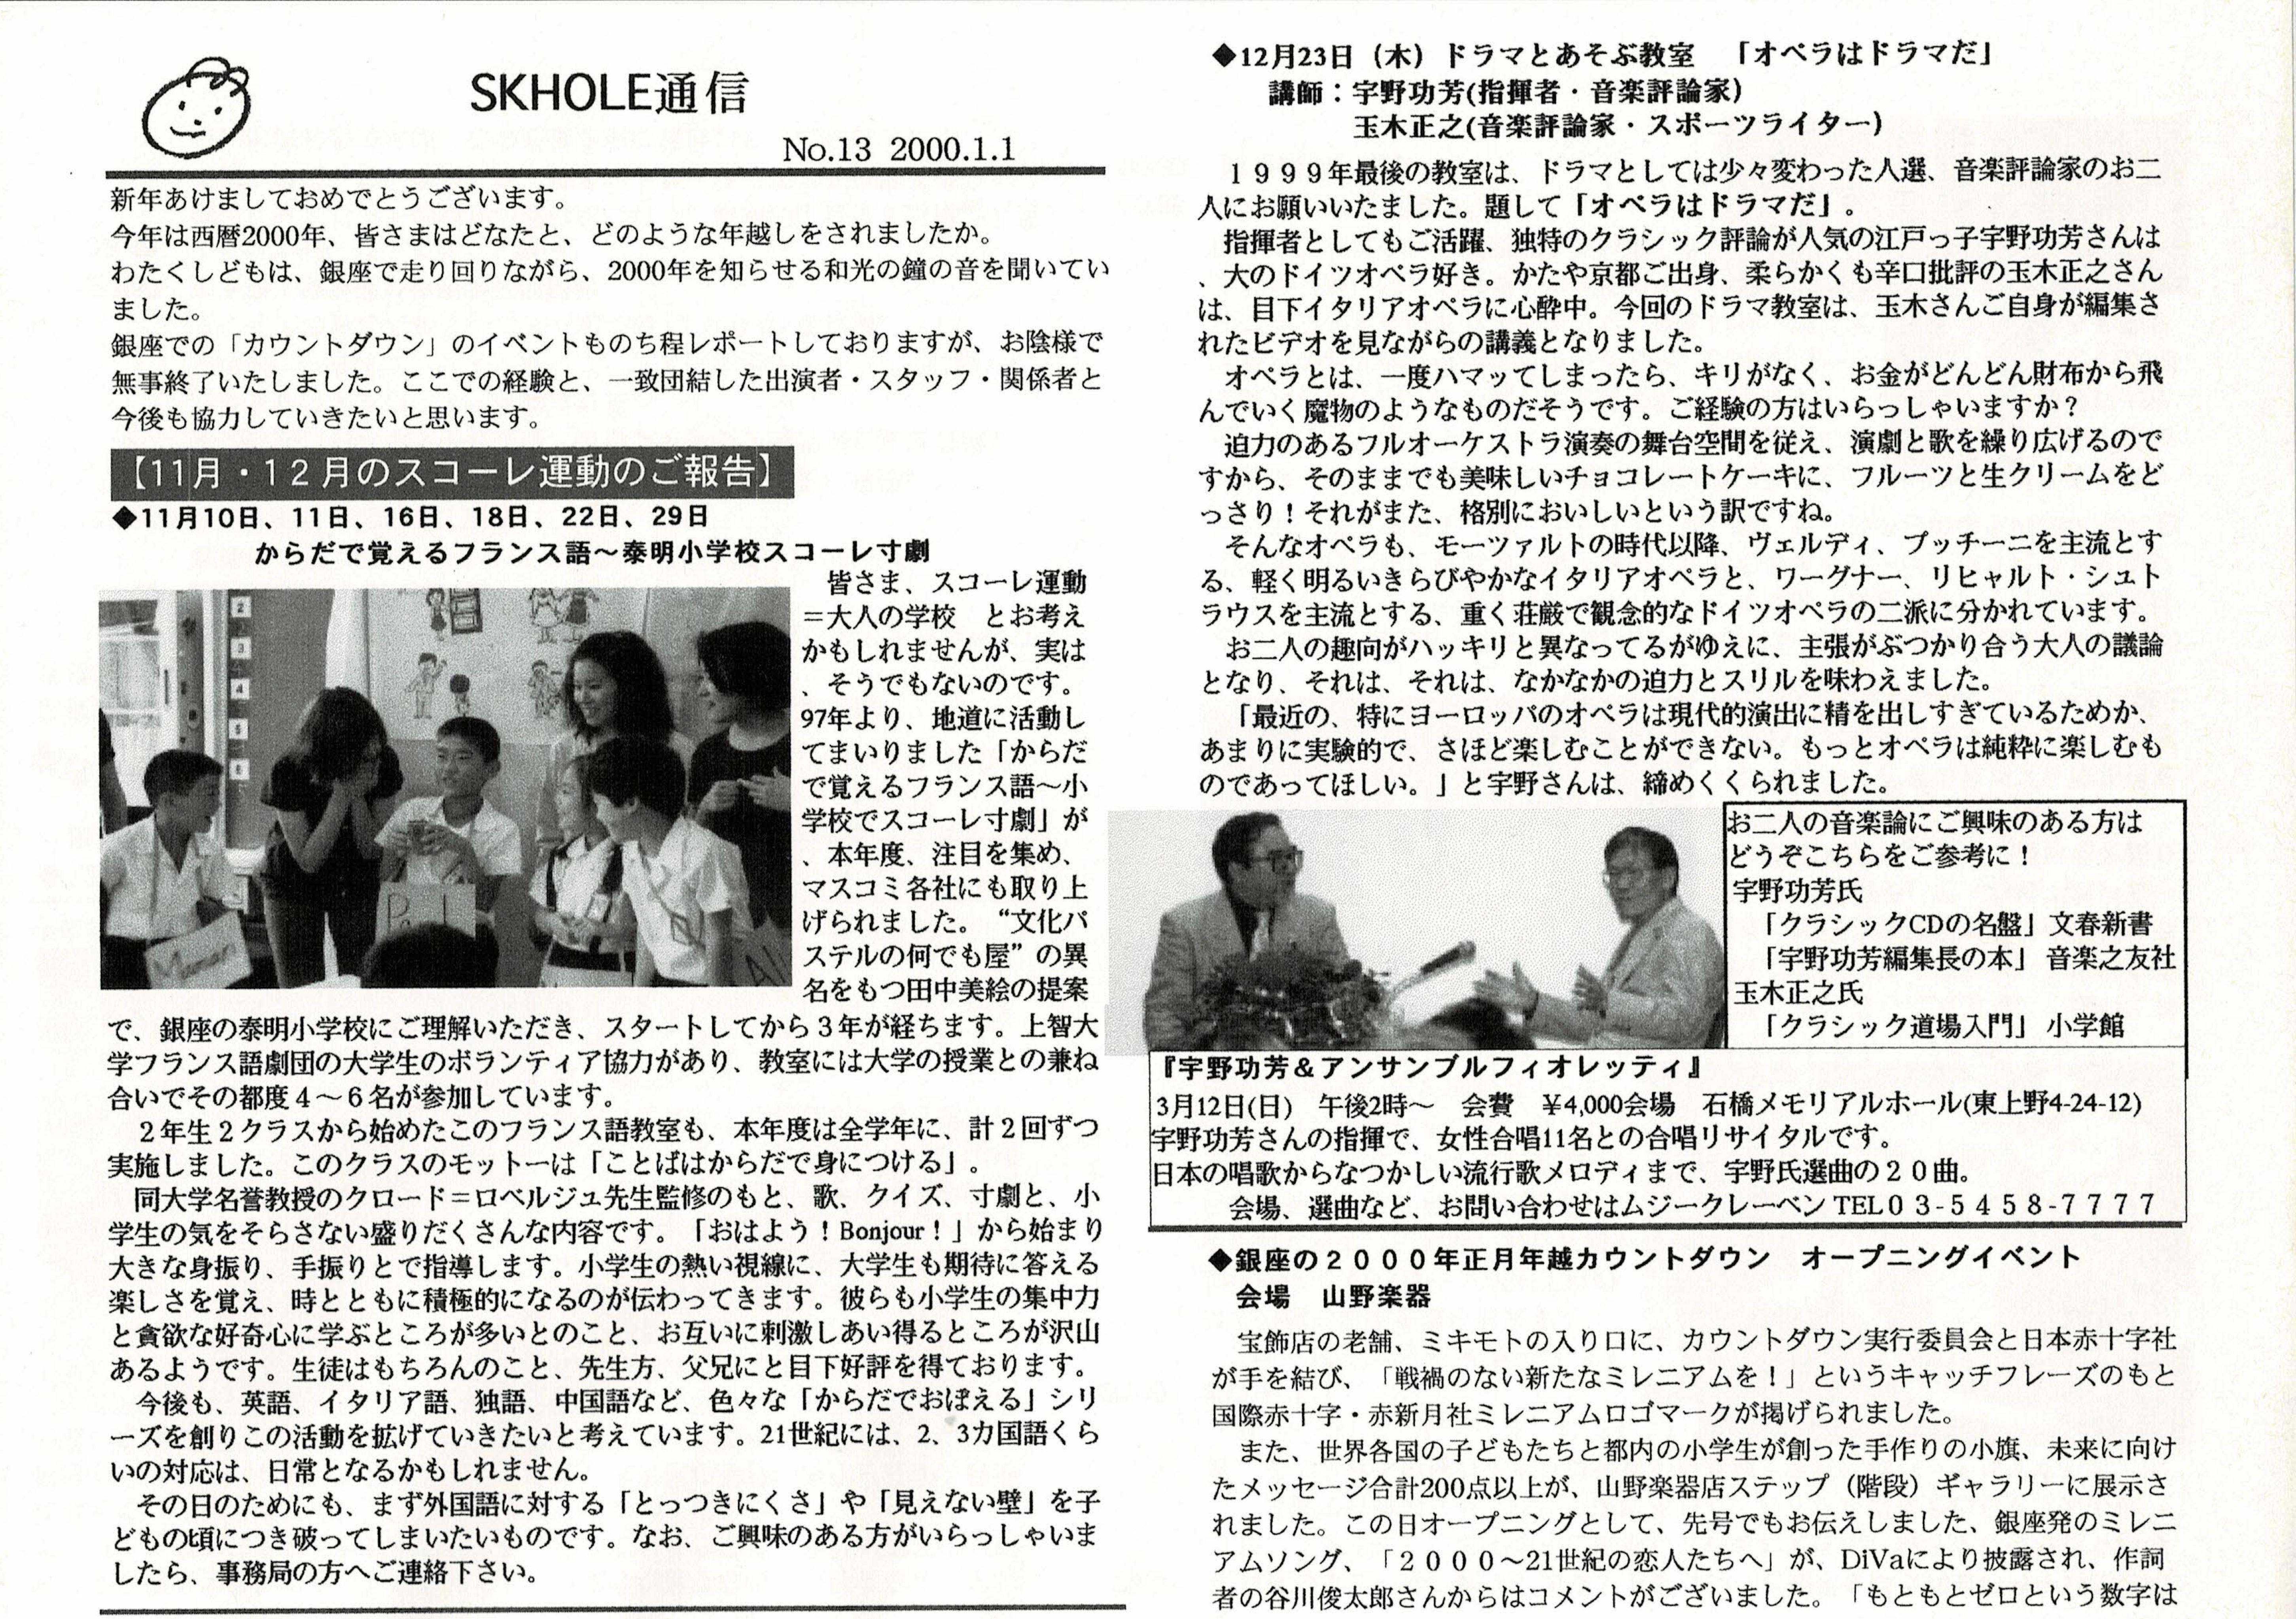 2000年カウントダウン_スコーレ通信No.13